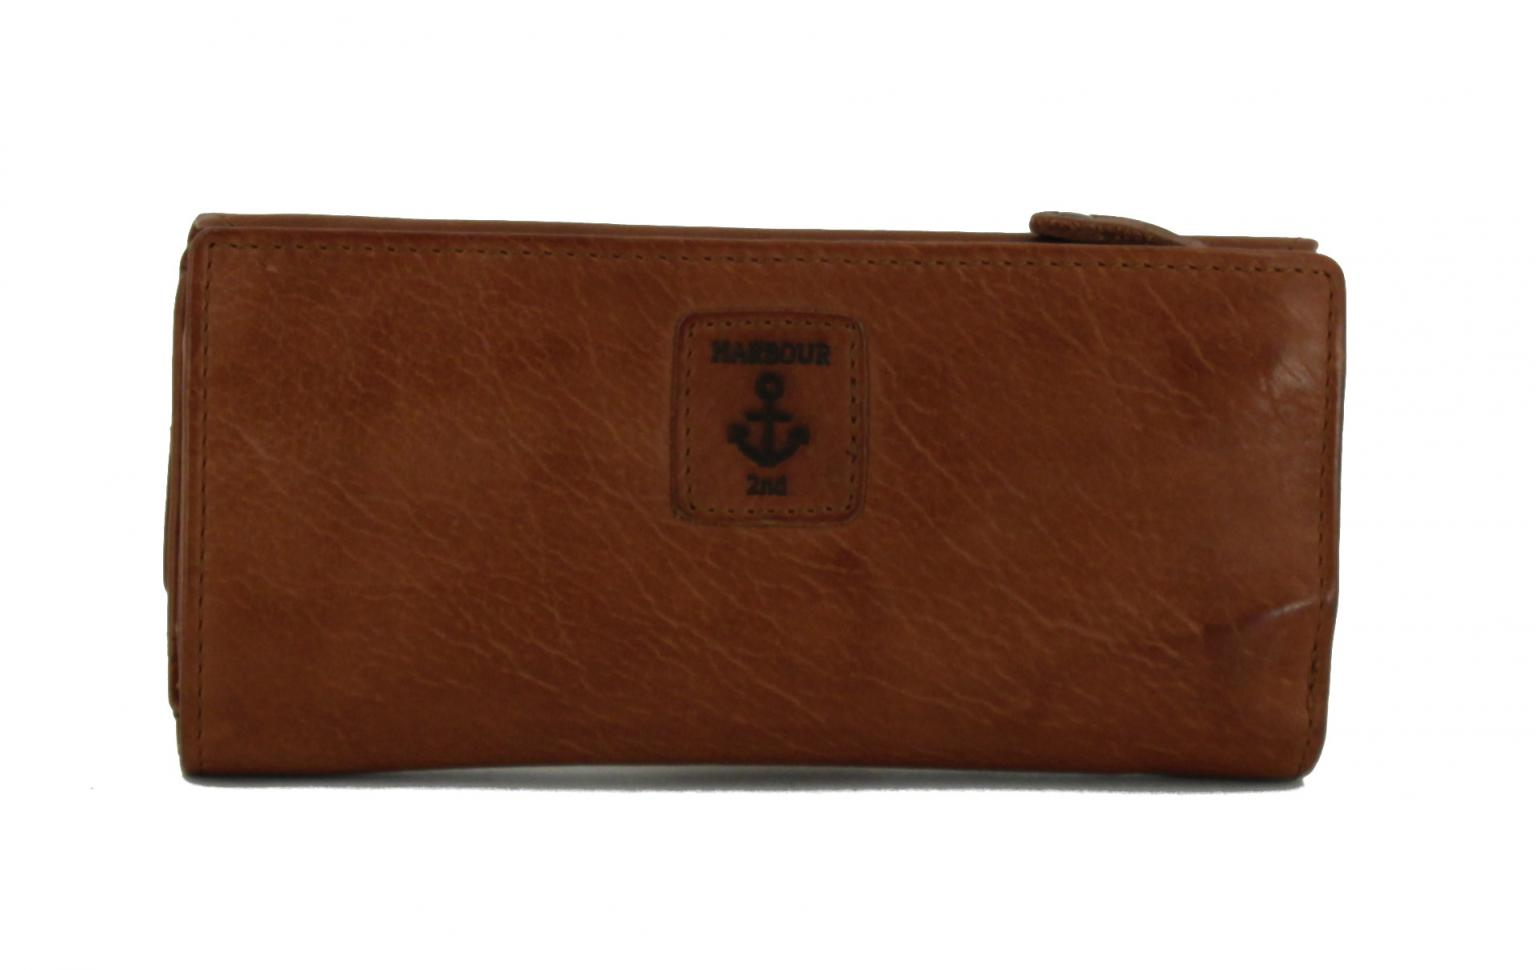 Brieftasche Fayette Navy Harbour 2nd dunkelblau Vintage Damen